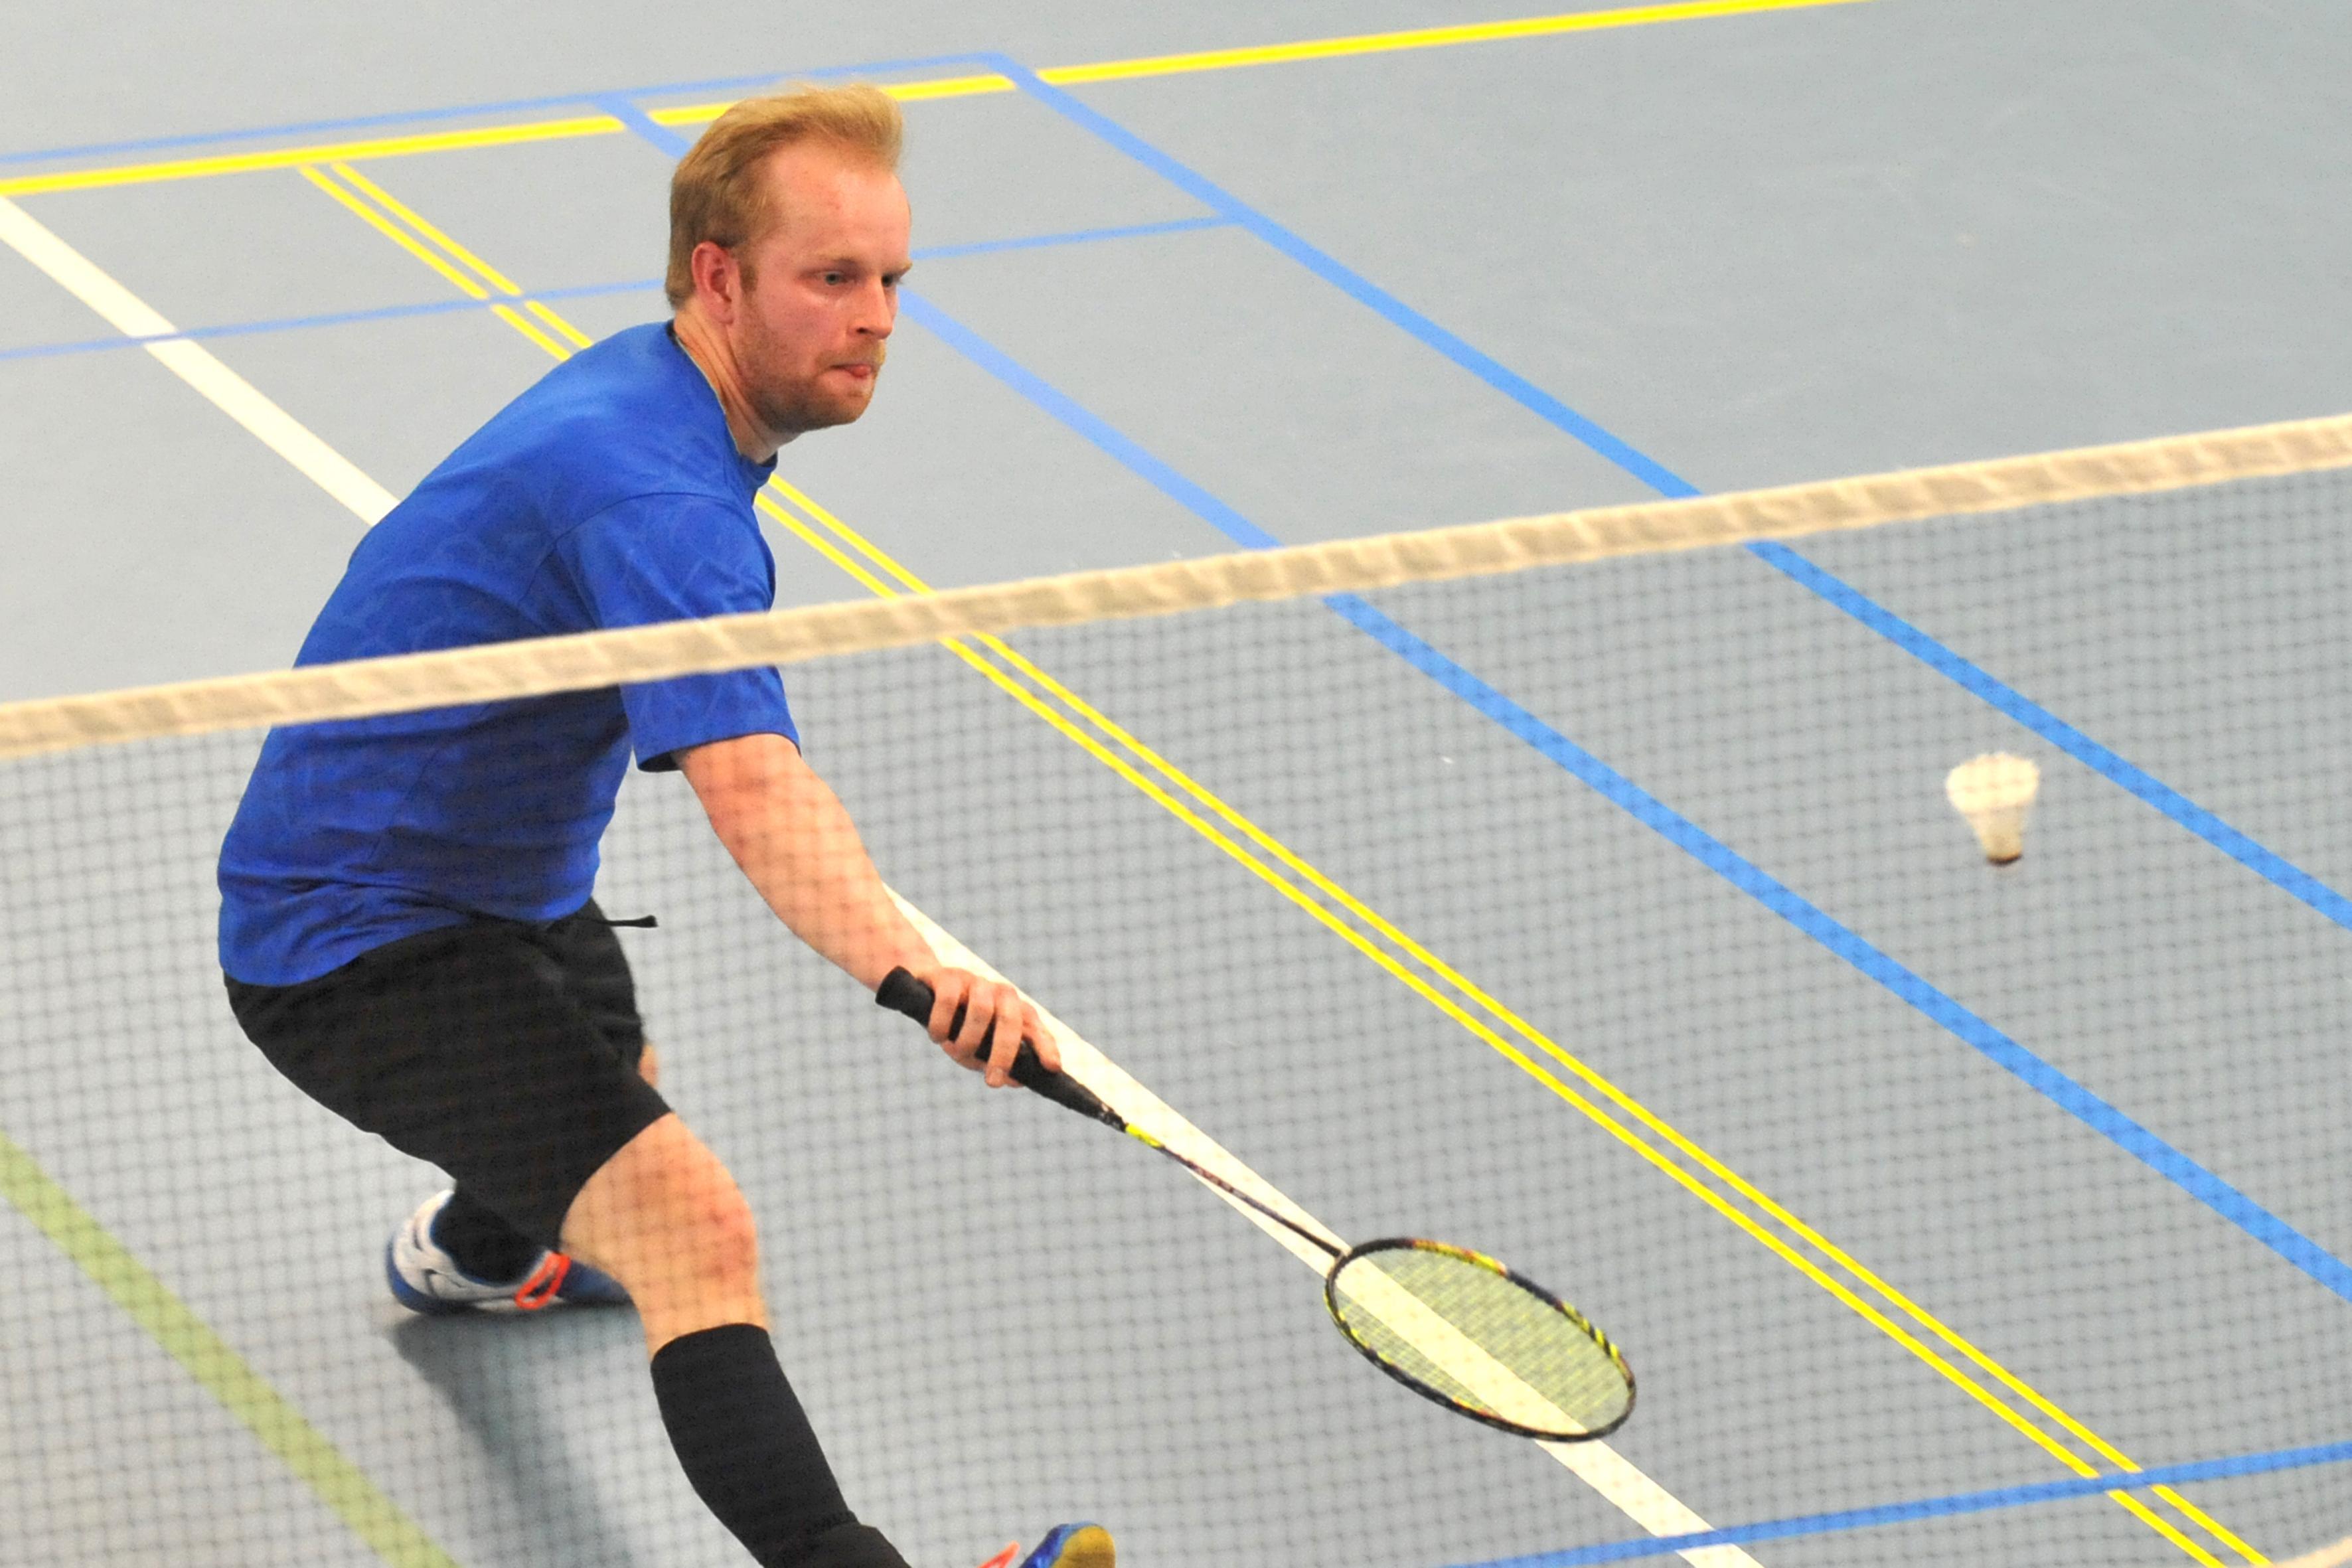 De dilemma's van badmintonner Sander Schirris: 'Aziaten spelen meer op gevoel'